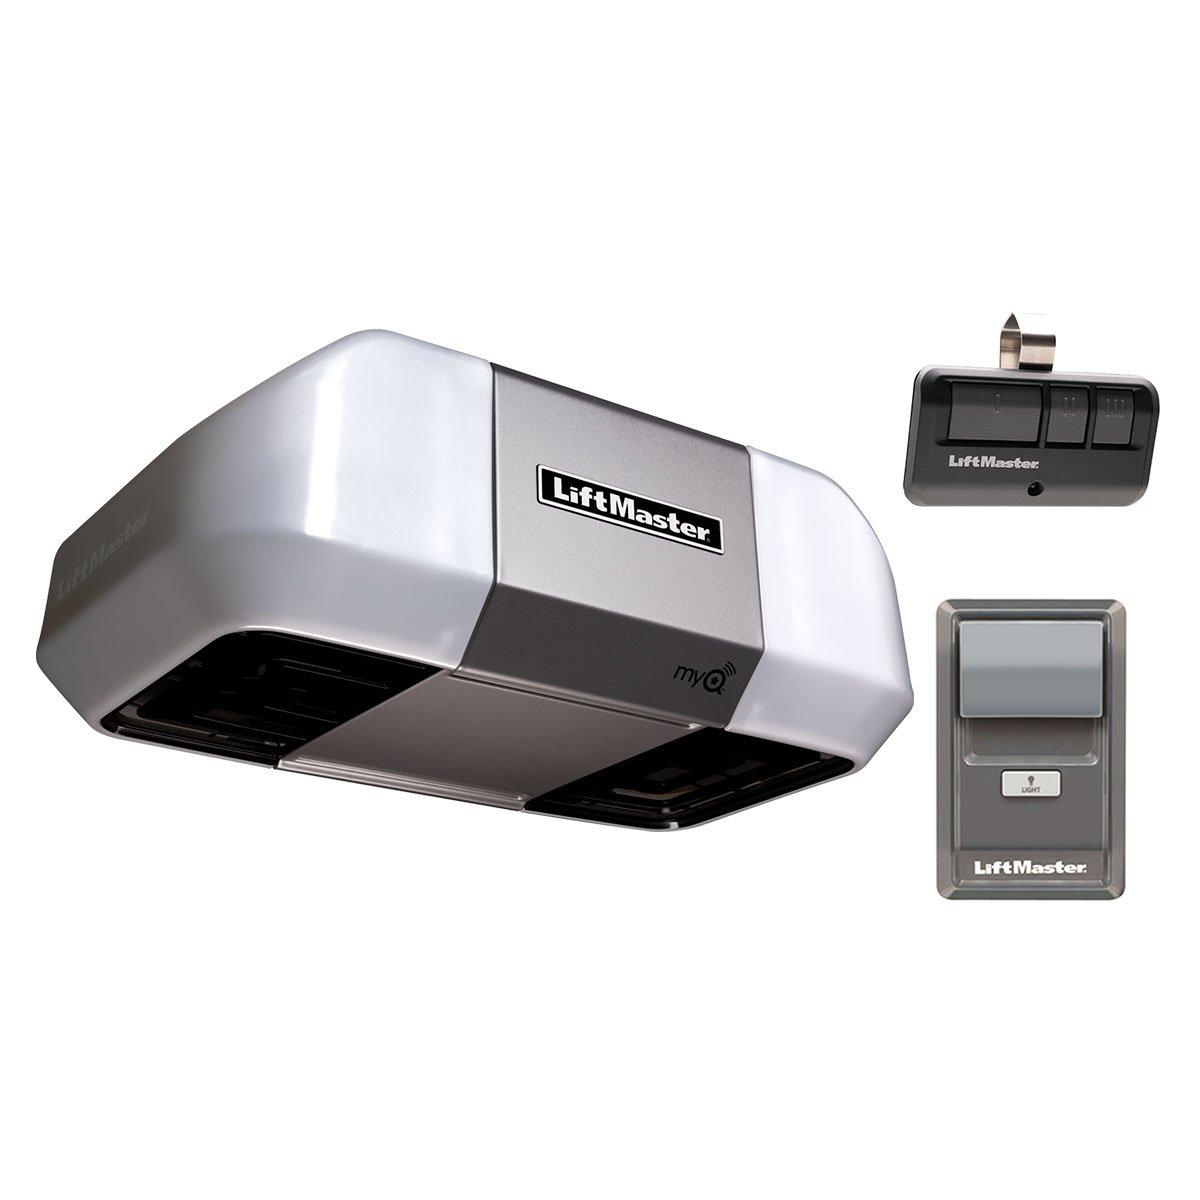 liftmaster 8365 garage door opener reviews